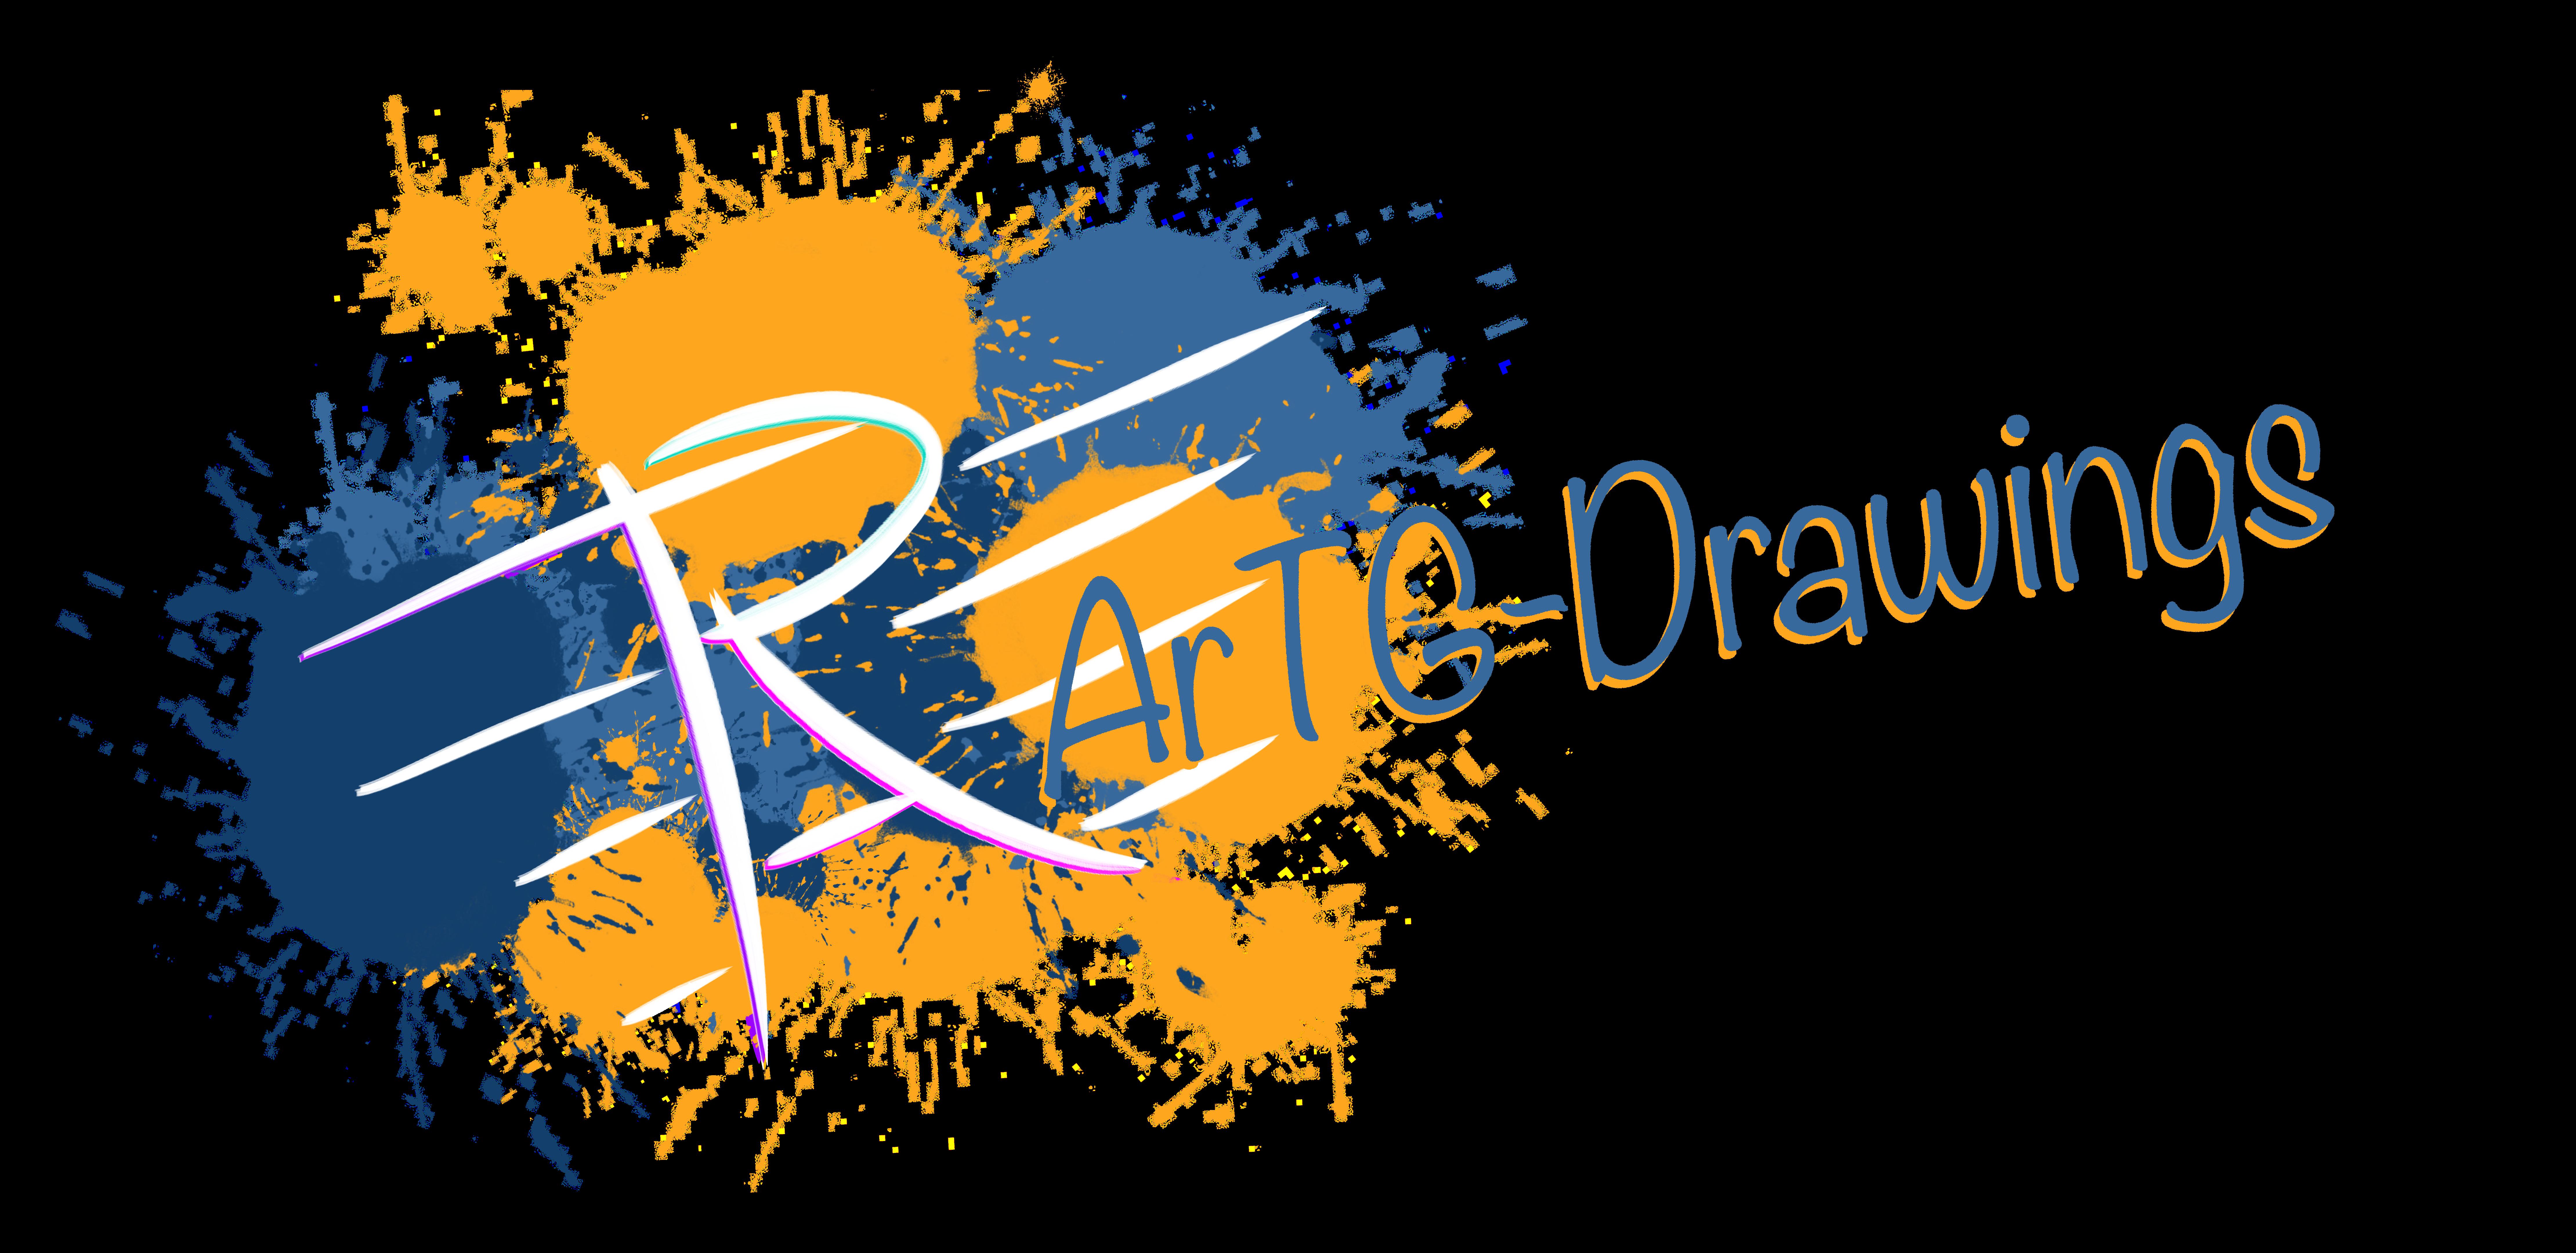 ArTG-Drawings